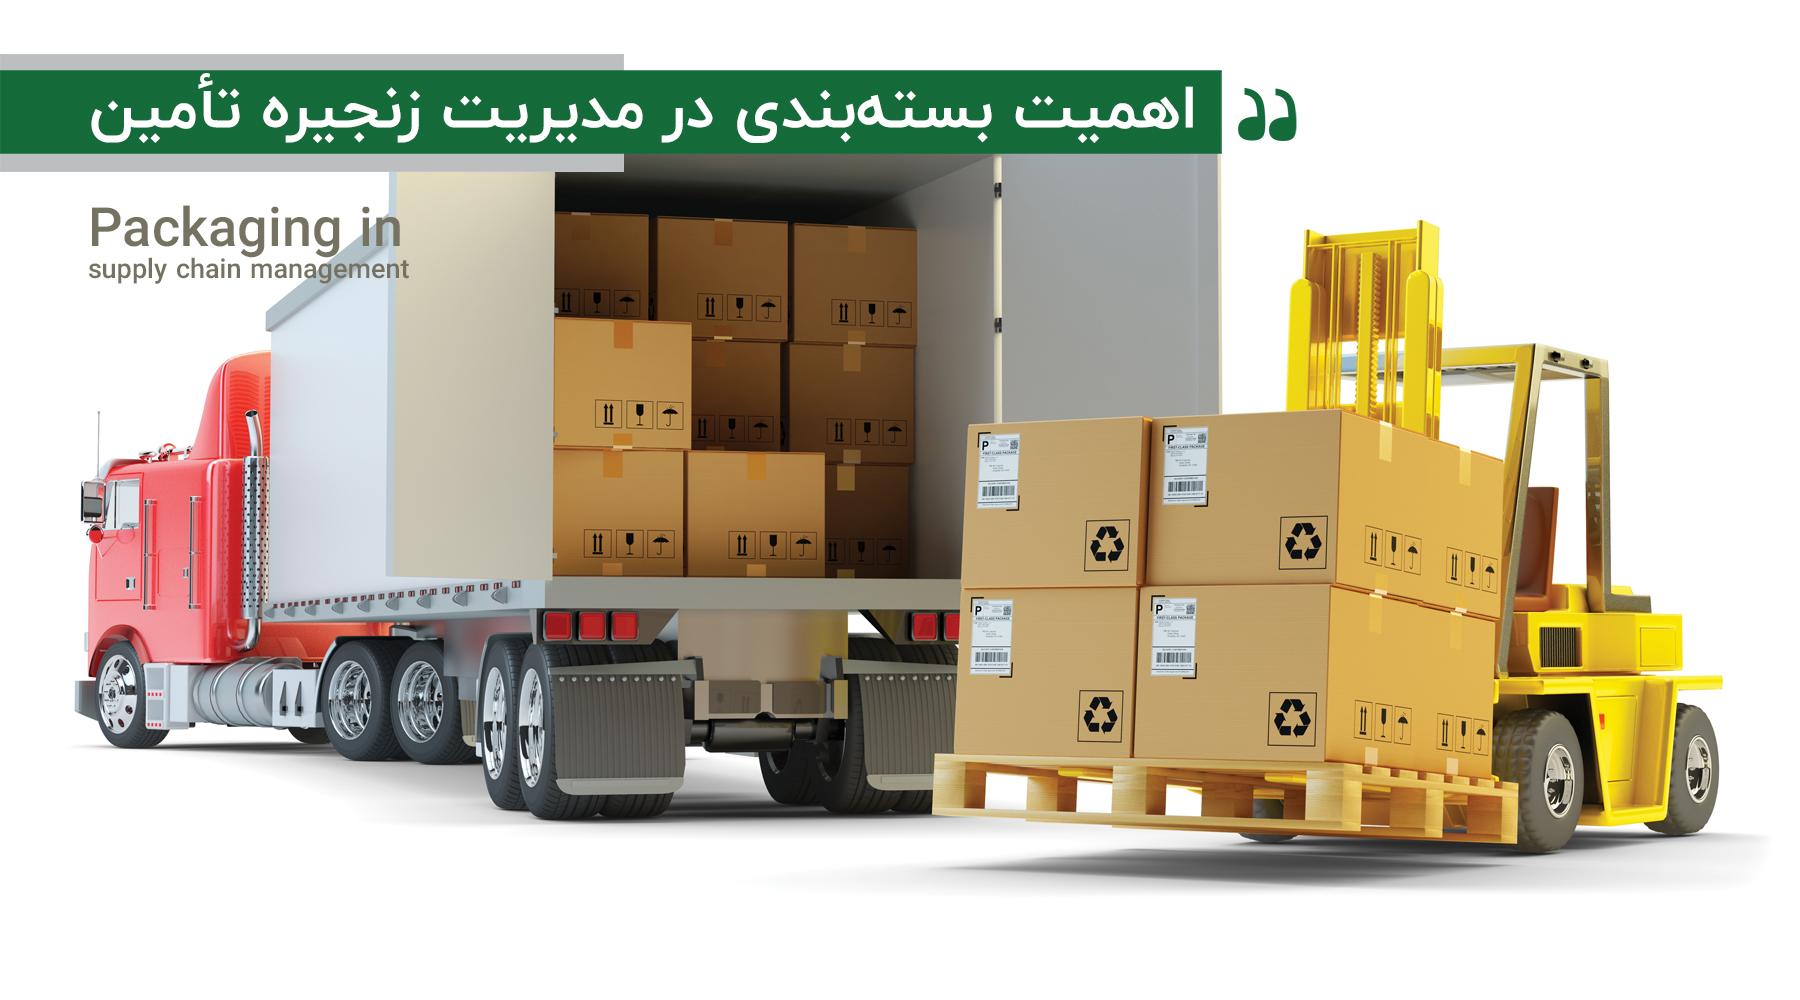 اهمیت بستهبندی در مدیریت زنجیره تامین